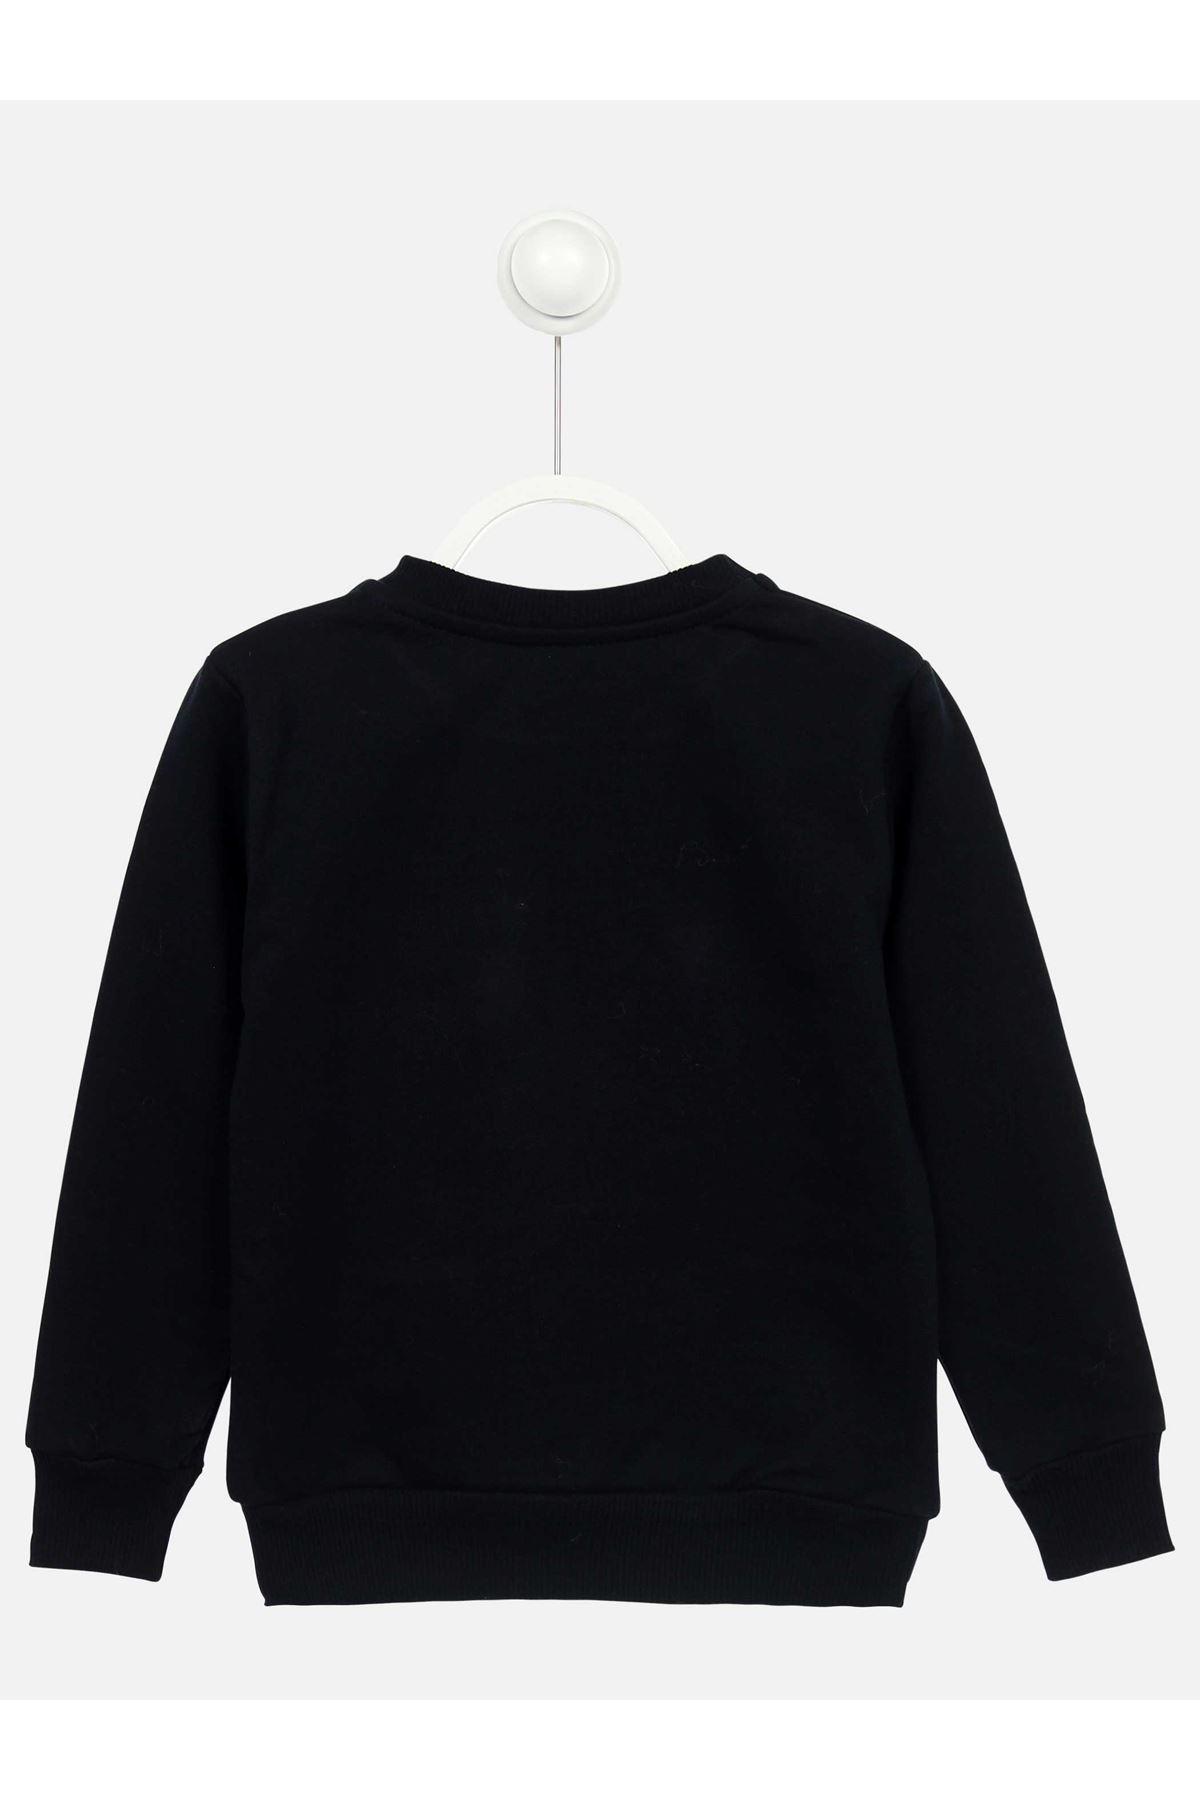 Koyu Lacivert Mevsimlik Kız Çocuk Sweatshirt